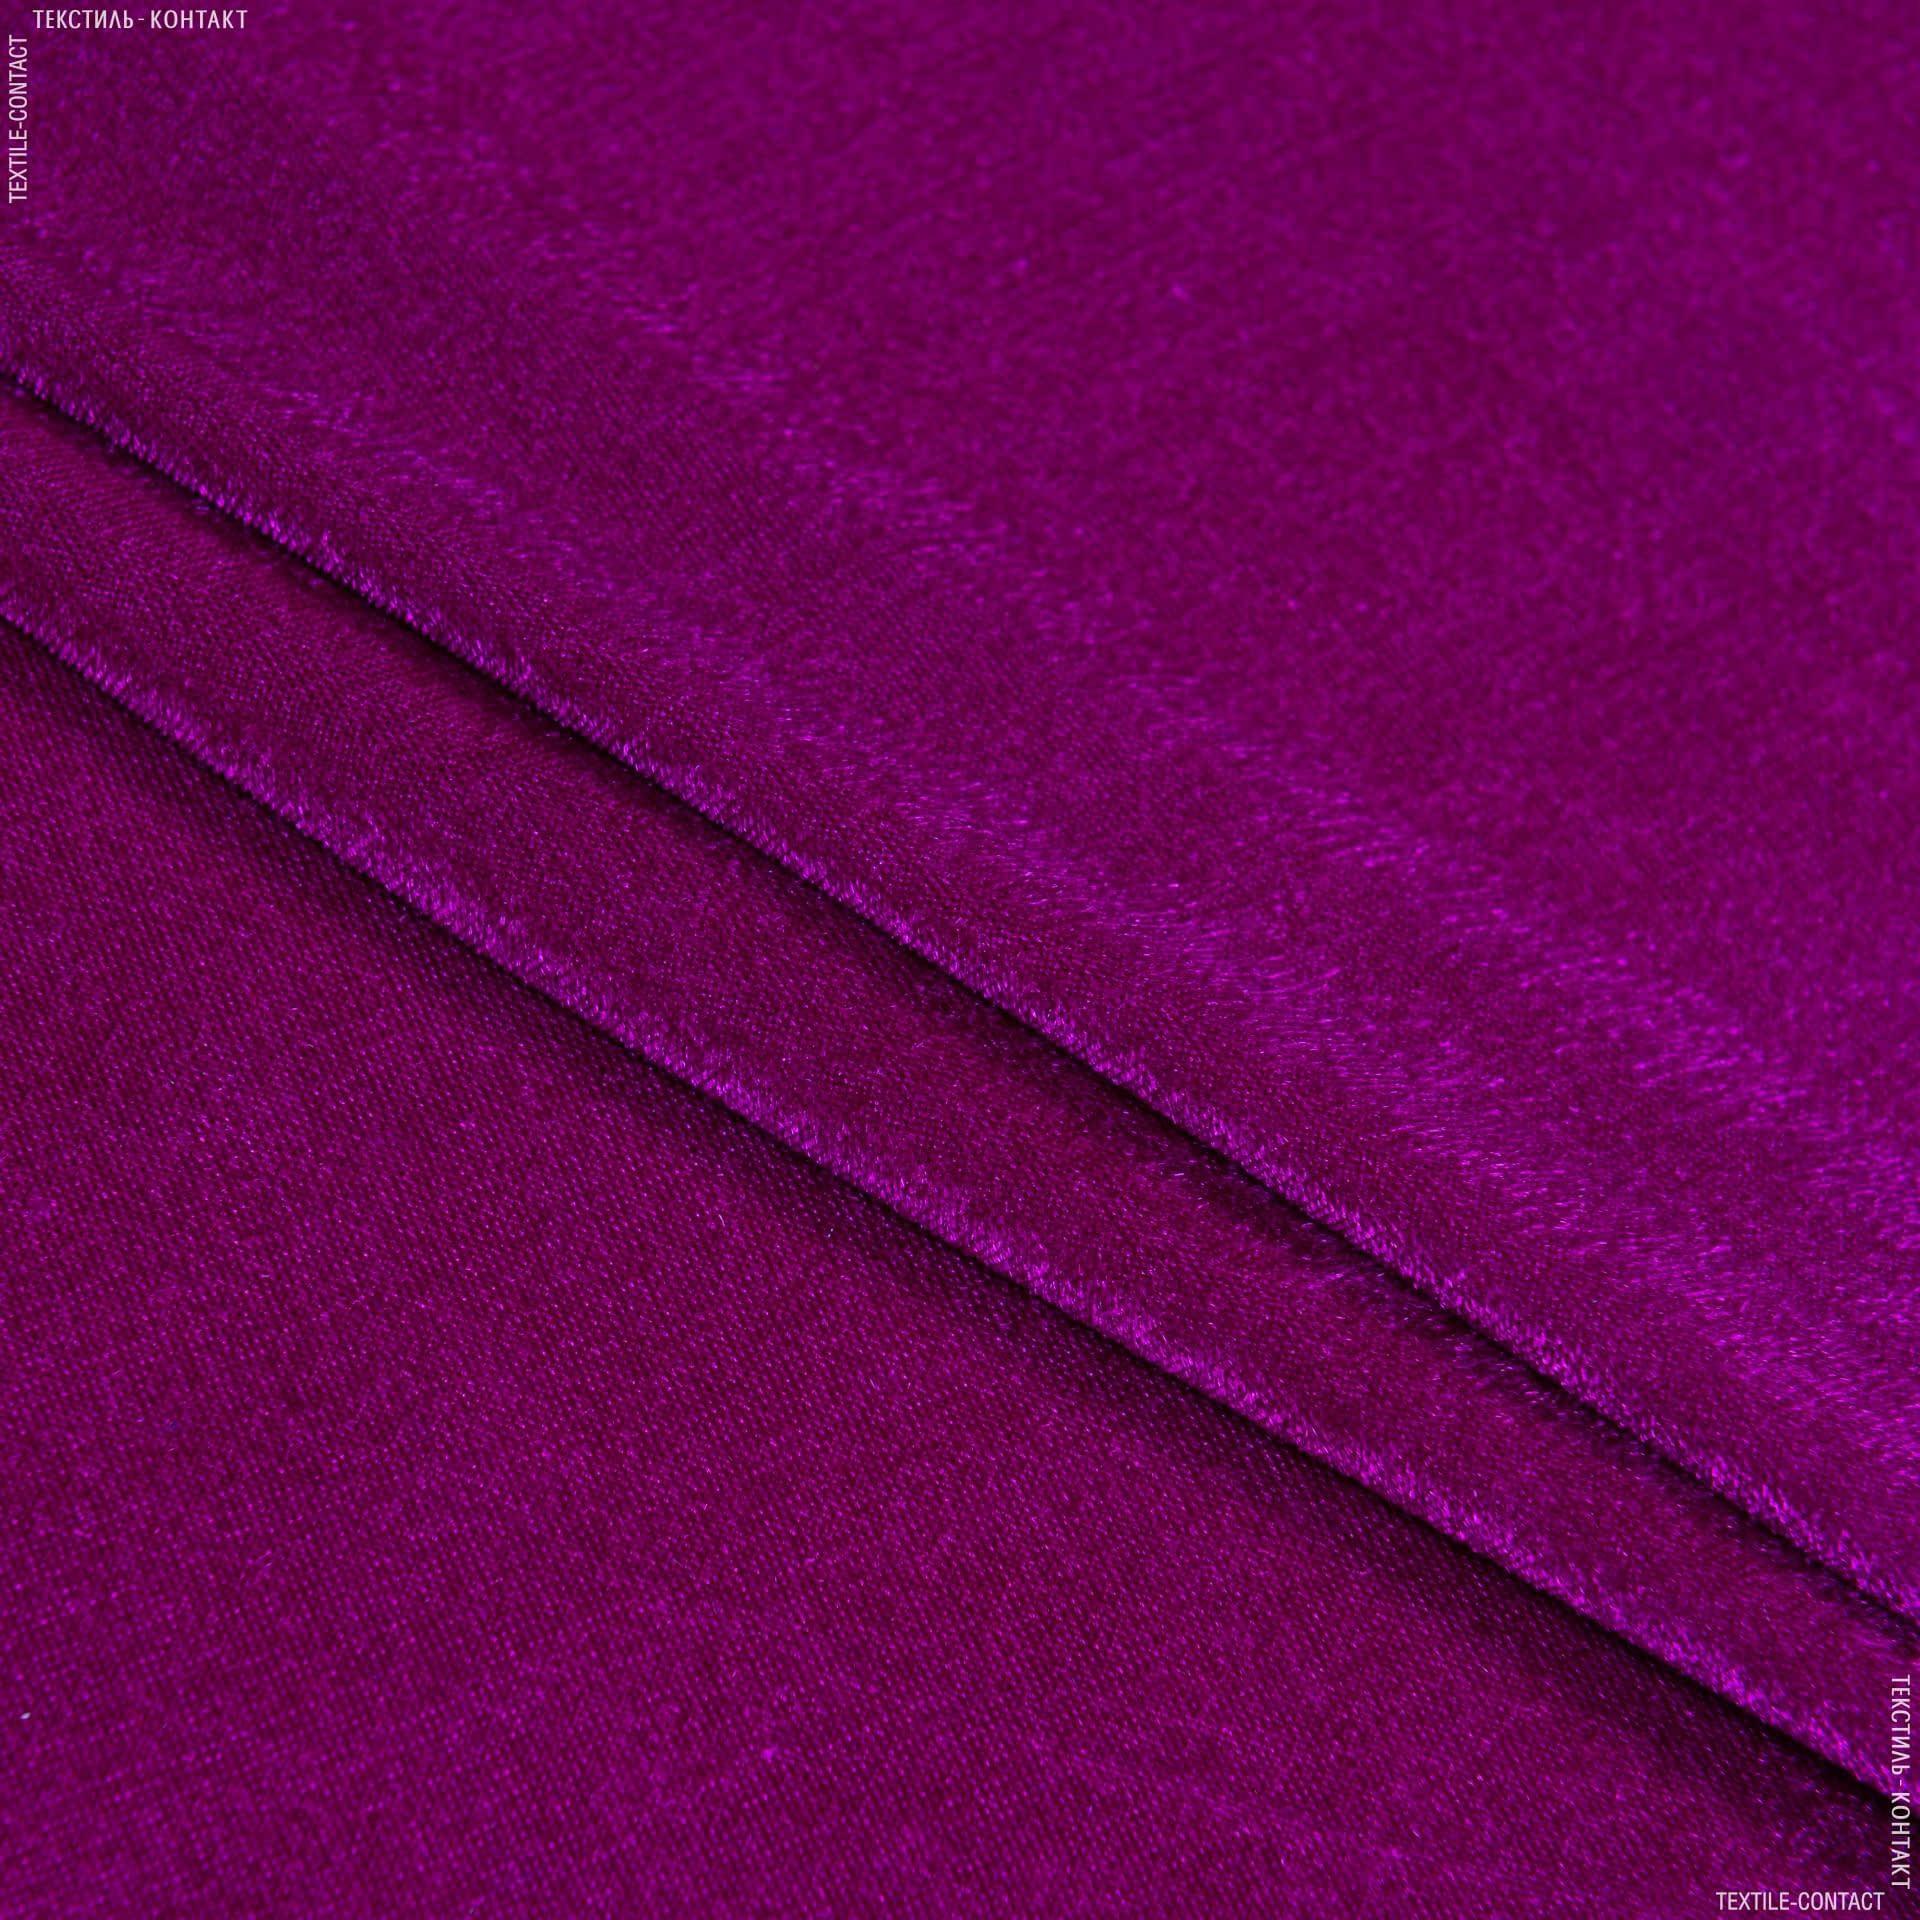 Ткани для платьев - Велюр стрейч фуксия